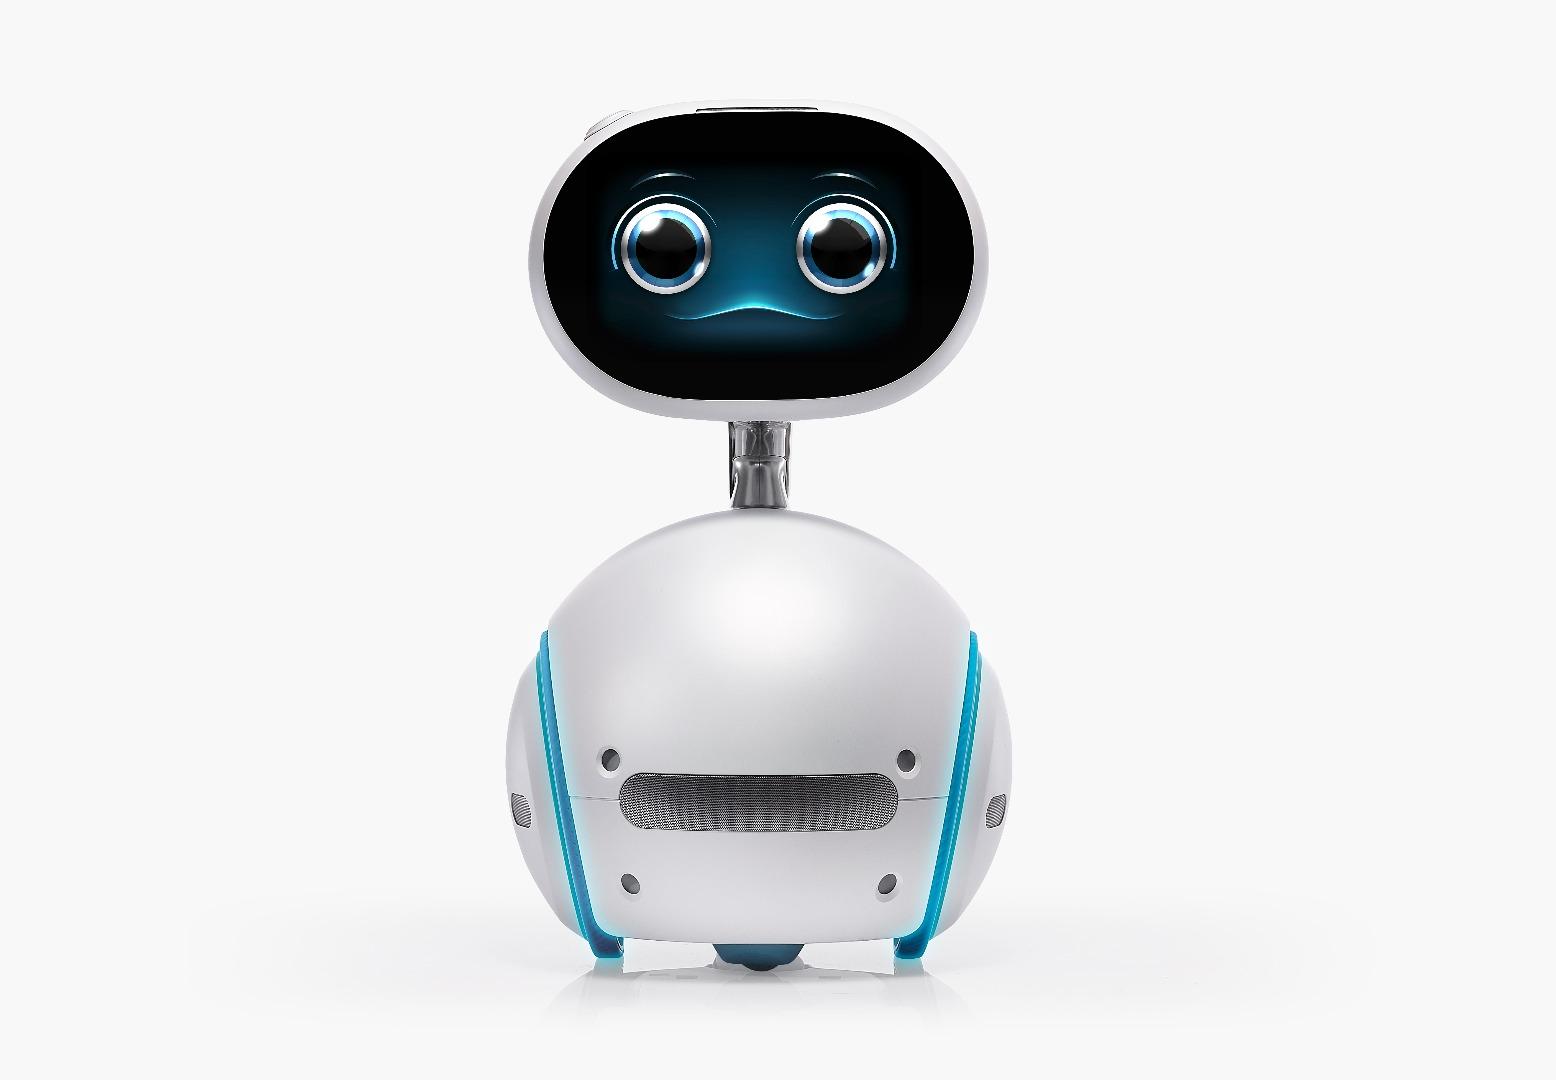 Asus's Zenbo home robot